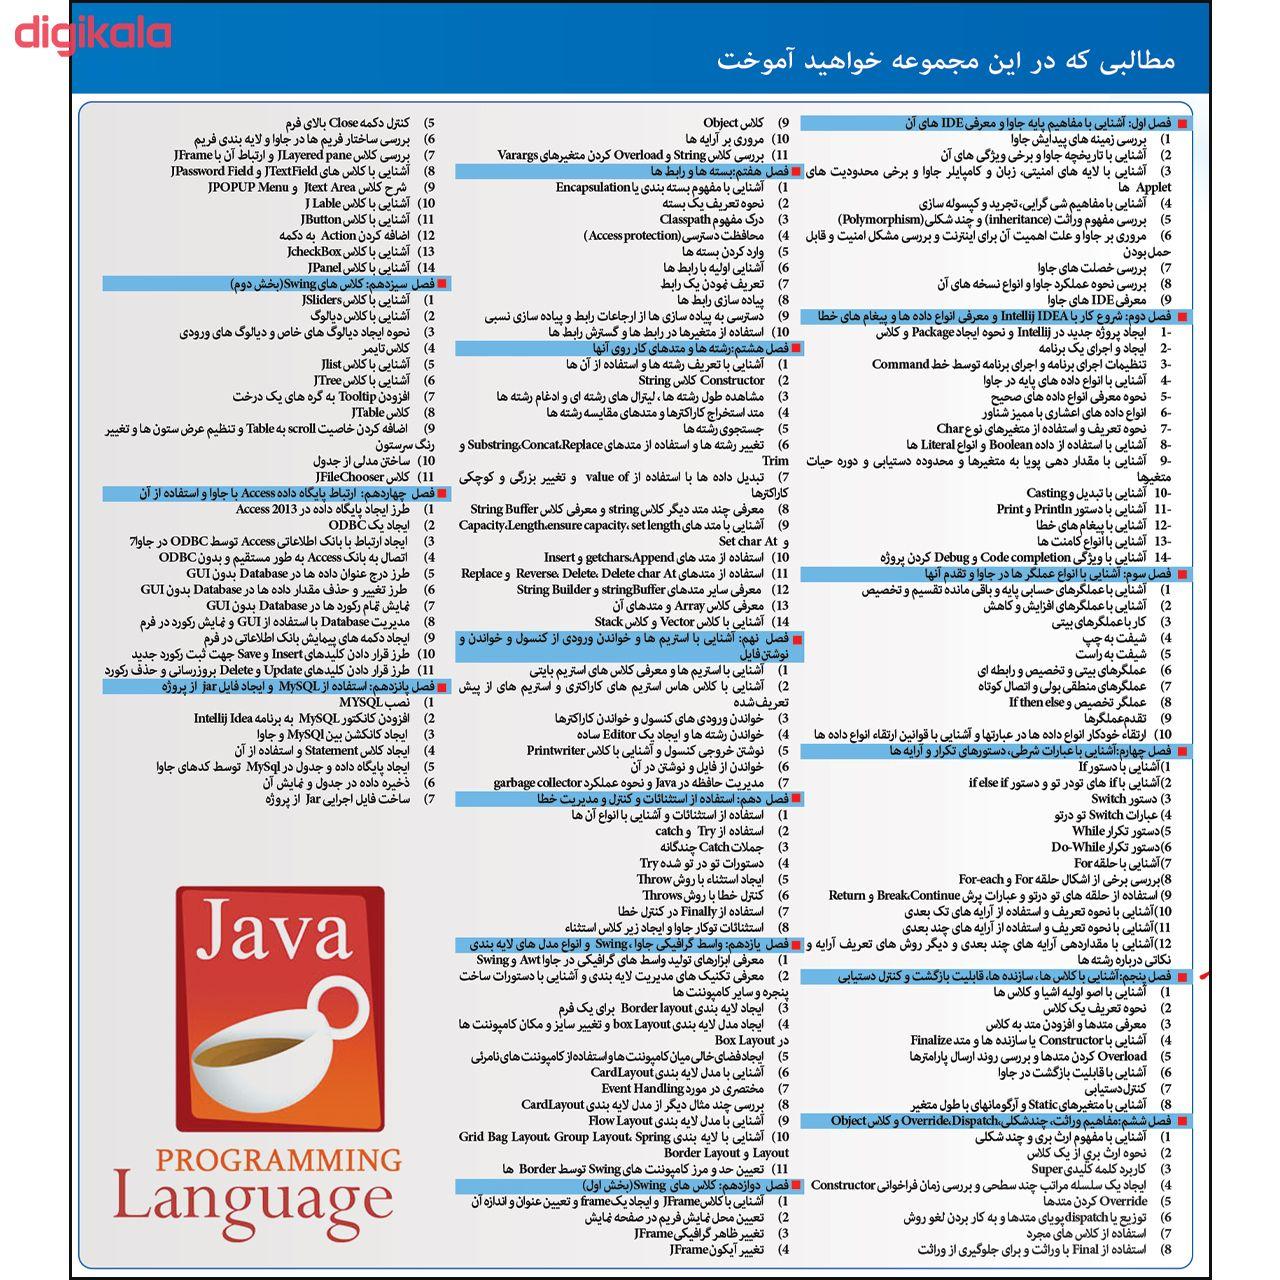 نرم افزار آموزش Python نشر مهرگان به همراه نرم افزار آموزش JAVA main 1 2